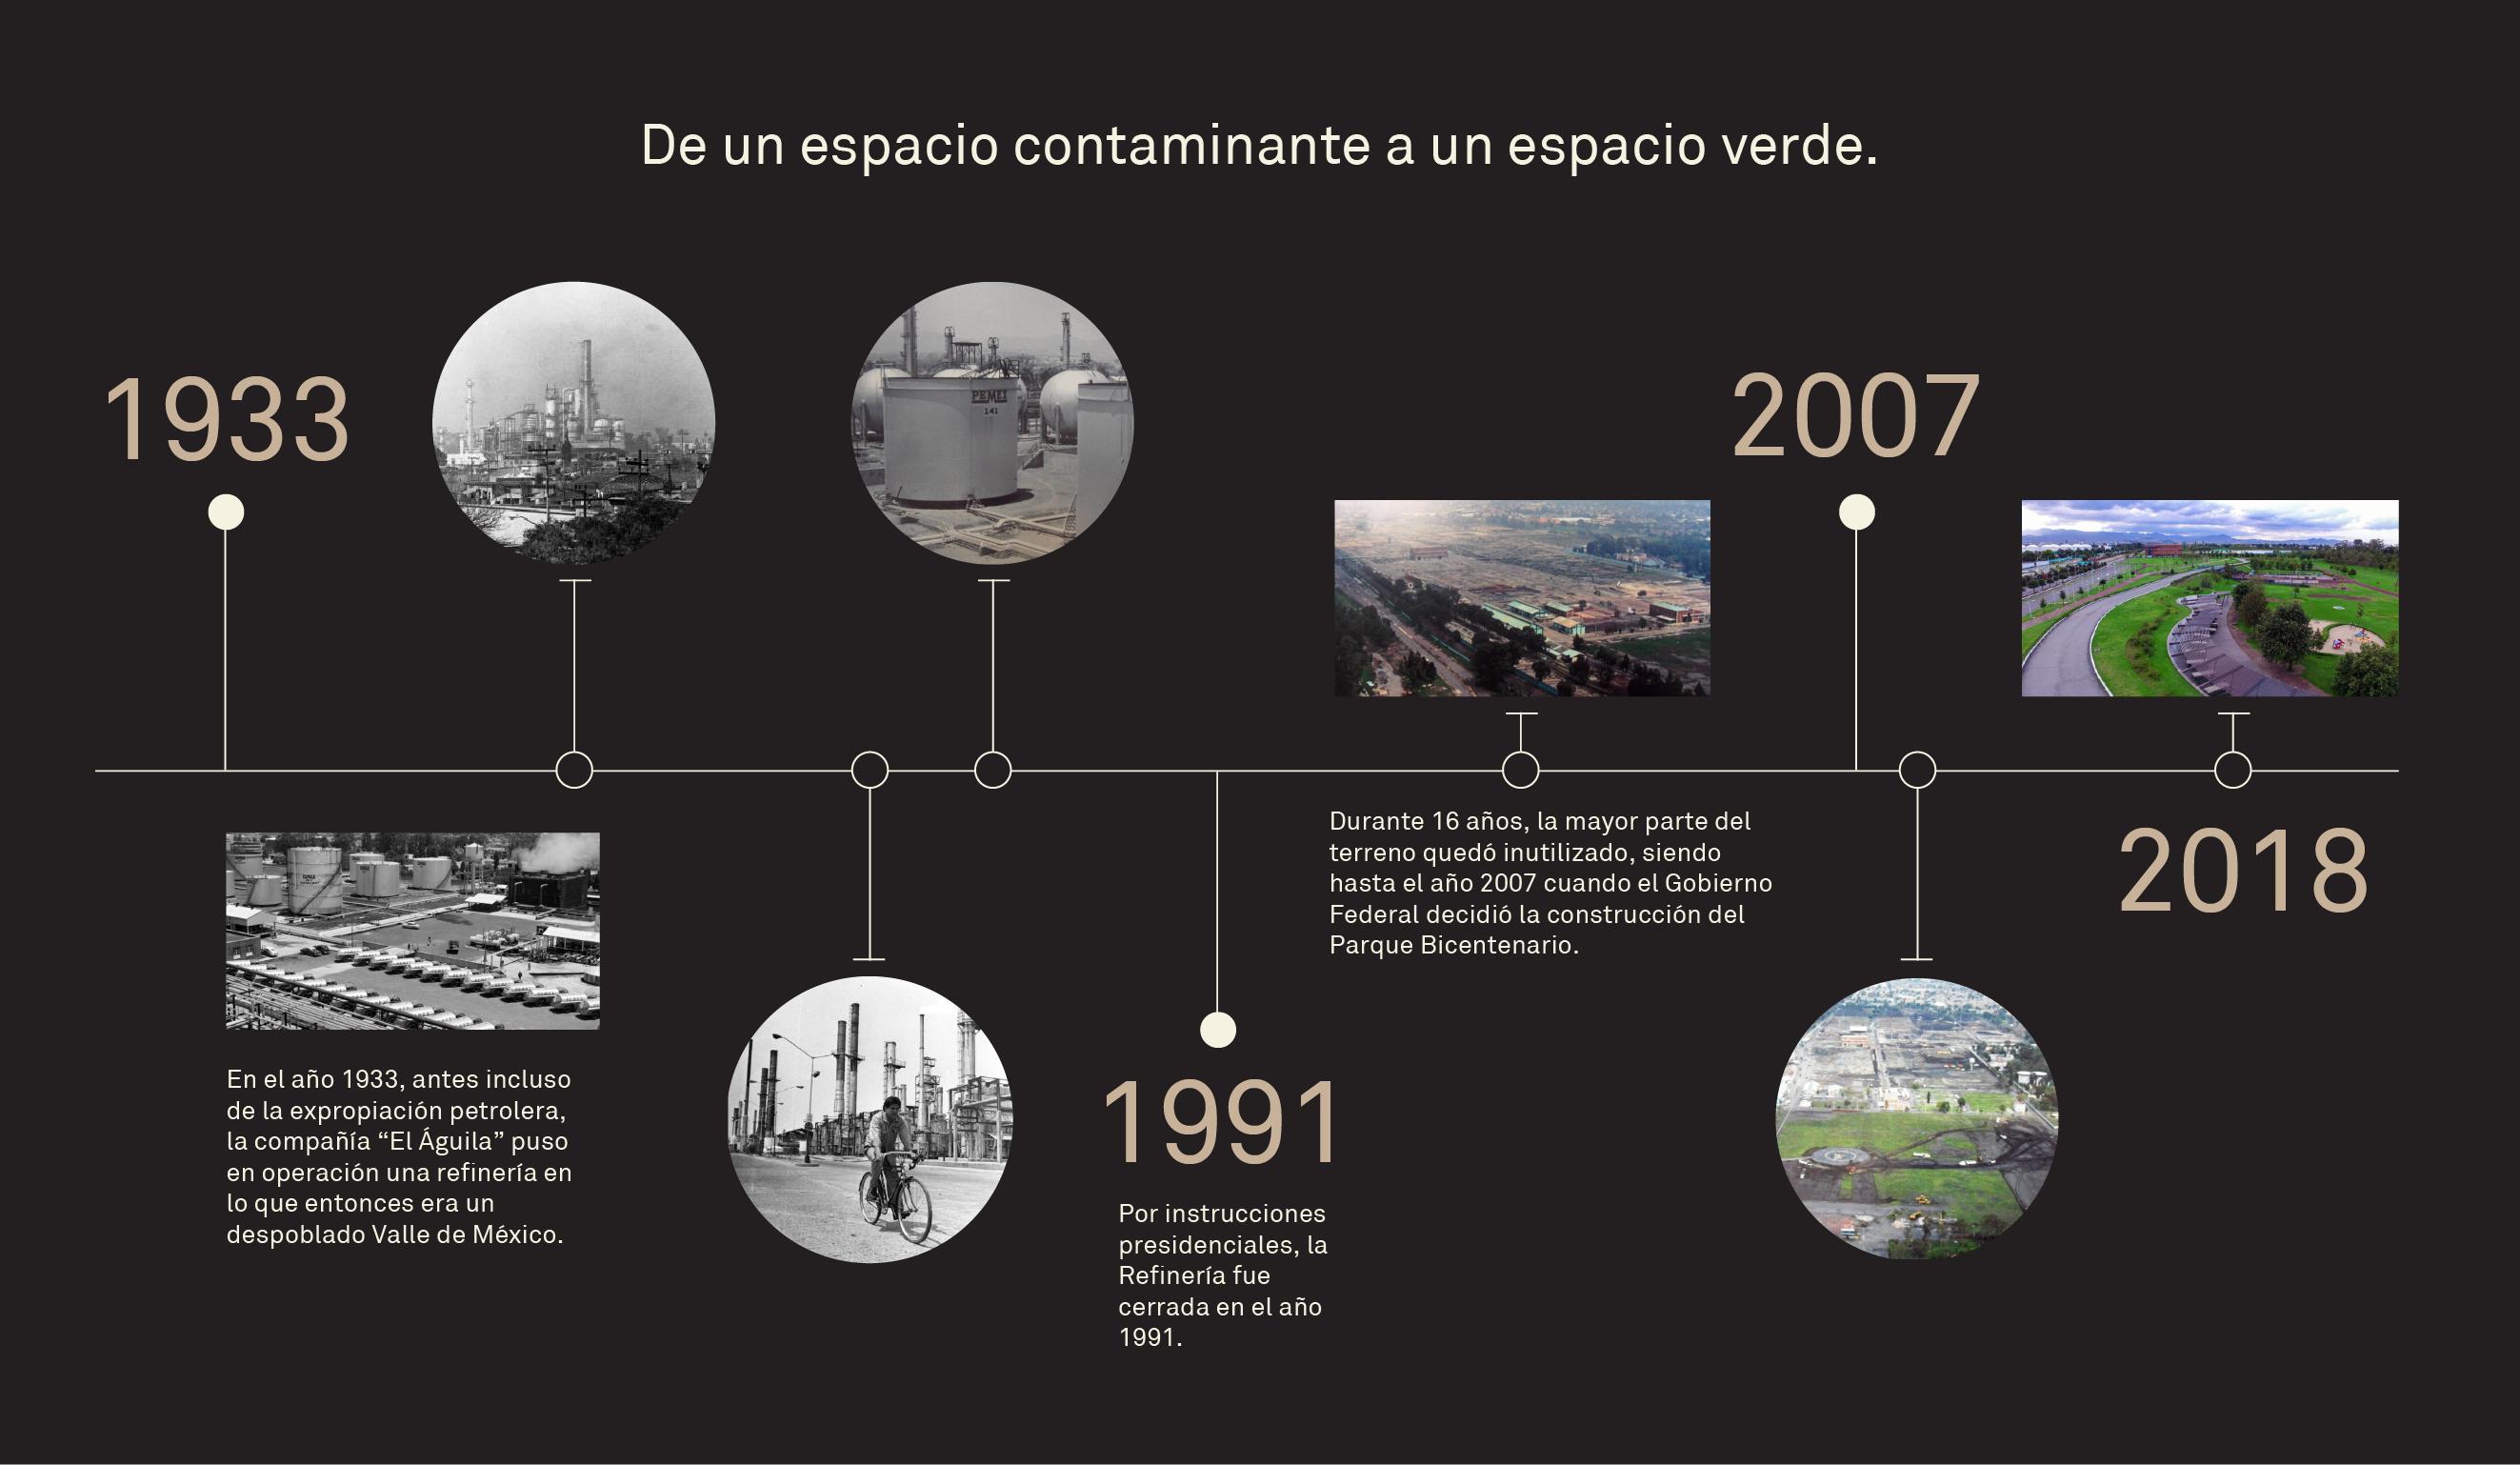 Historia del Parque Bicentenario